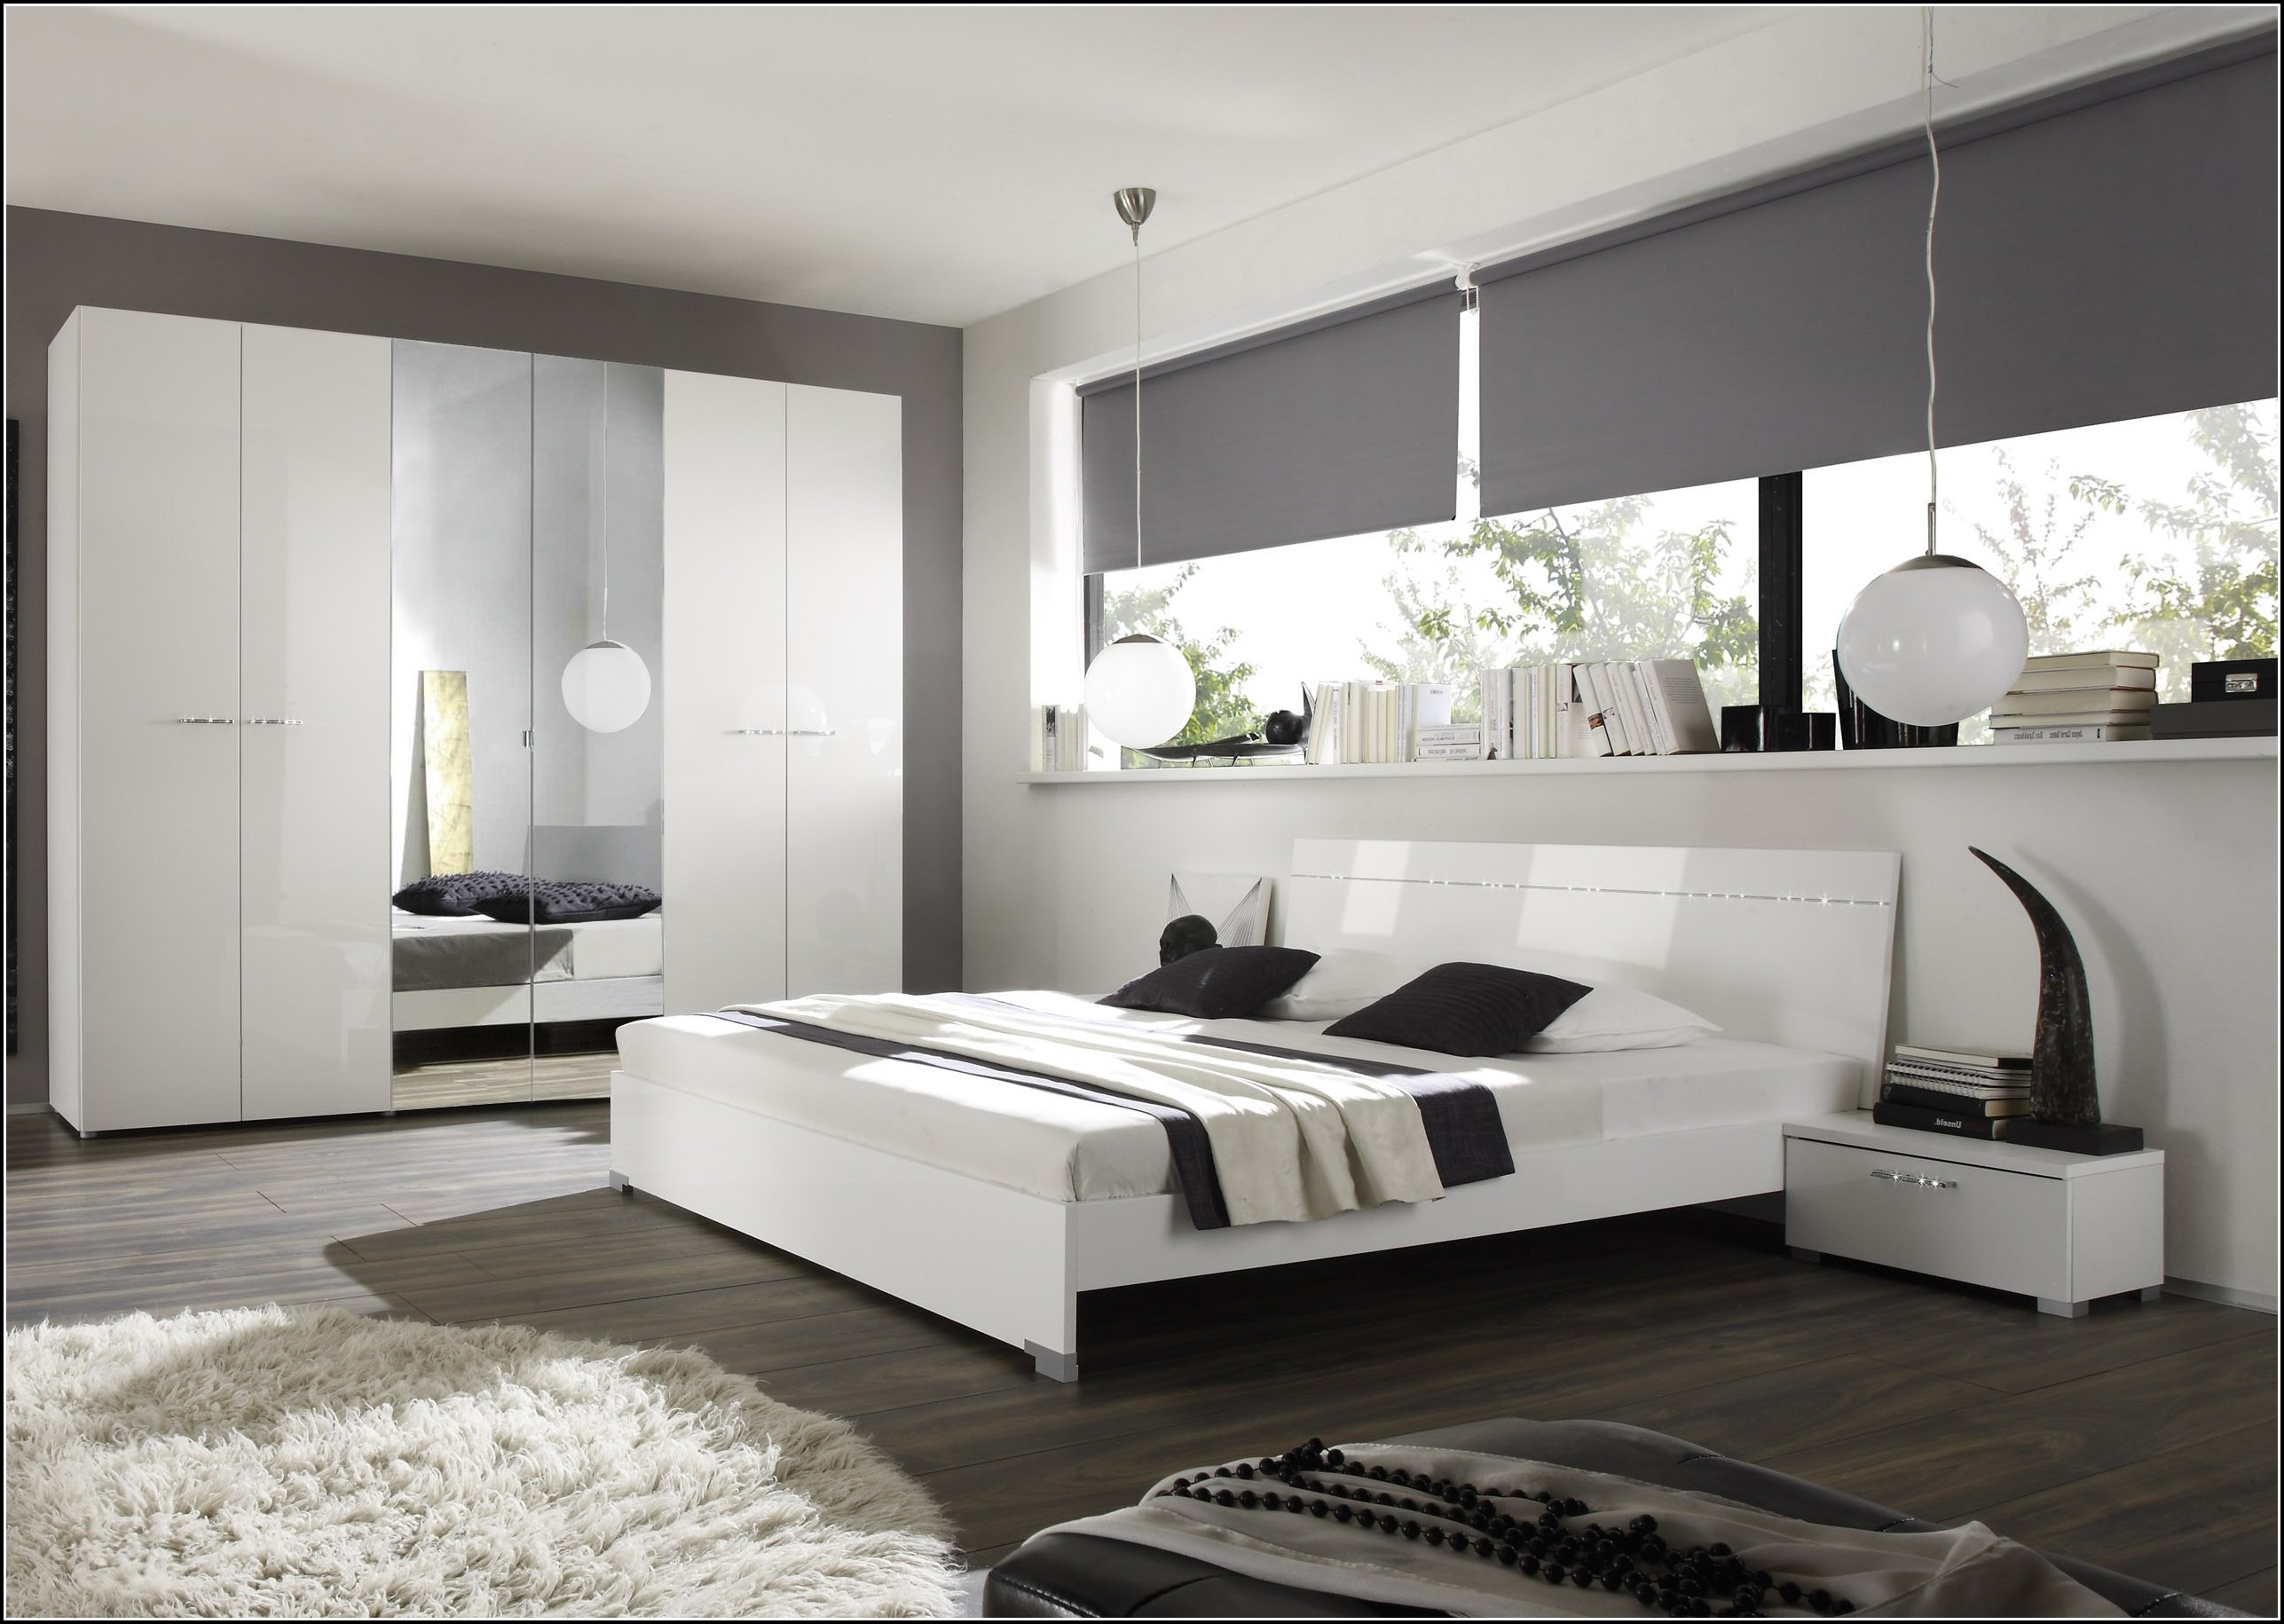 Schlafzimmer wei hochglanz lackiert schlafzimmer - Schlafzimmer hochglanz ...